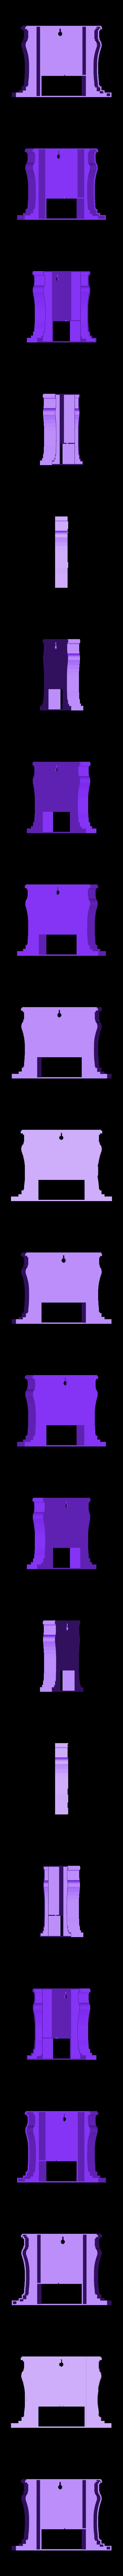 base.stl Download free STL file Fireplace • 3D printing design, TanyaAkinora